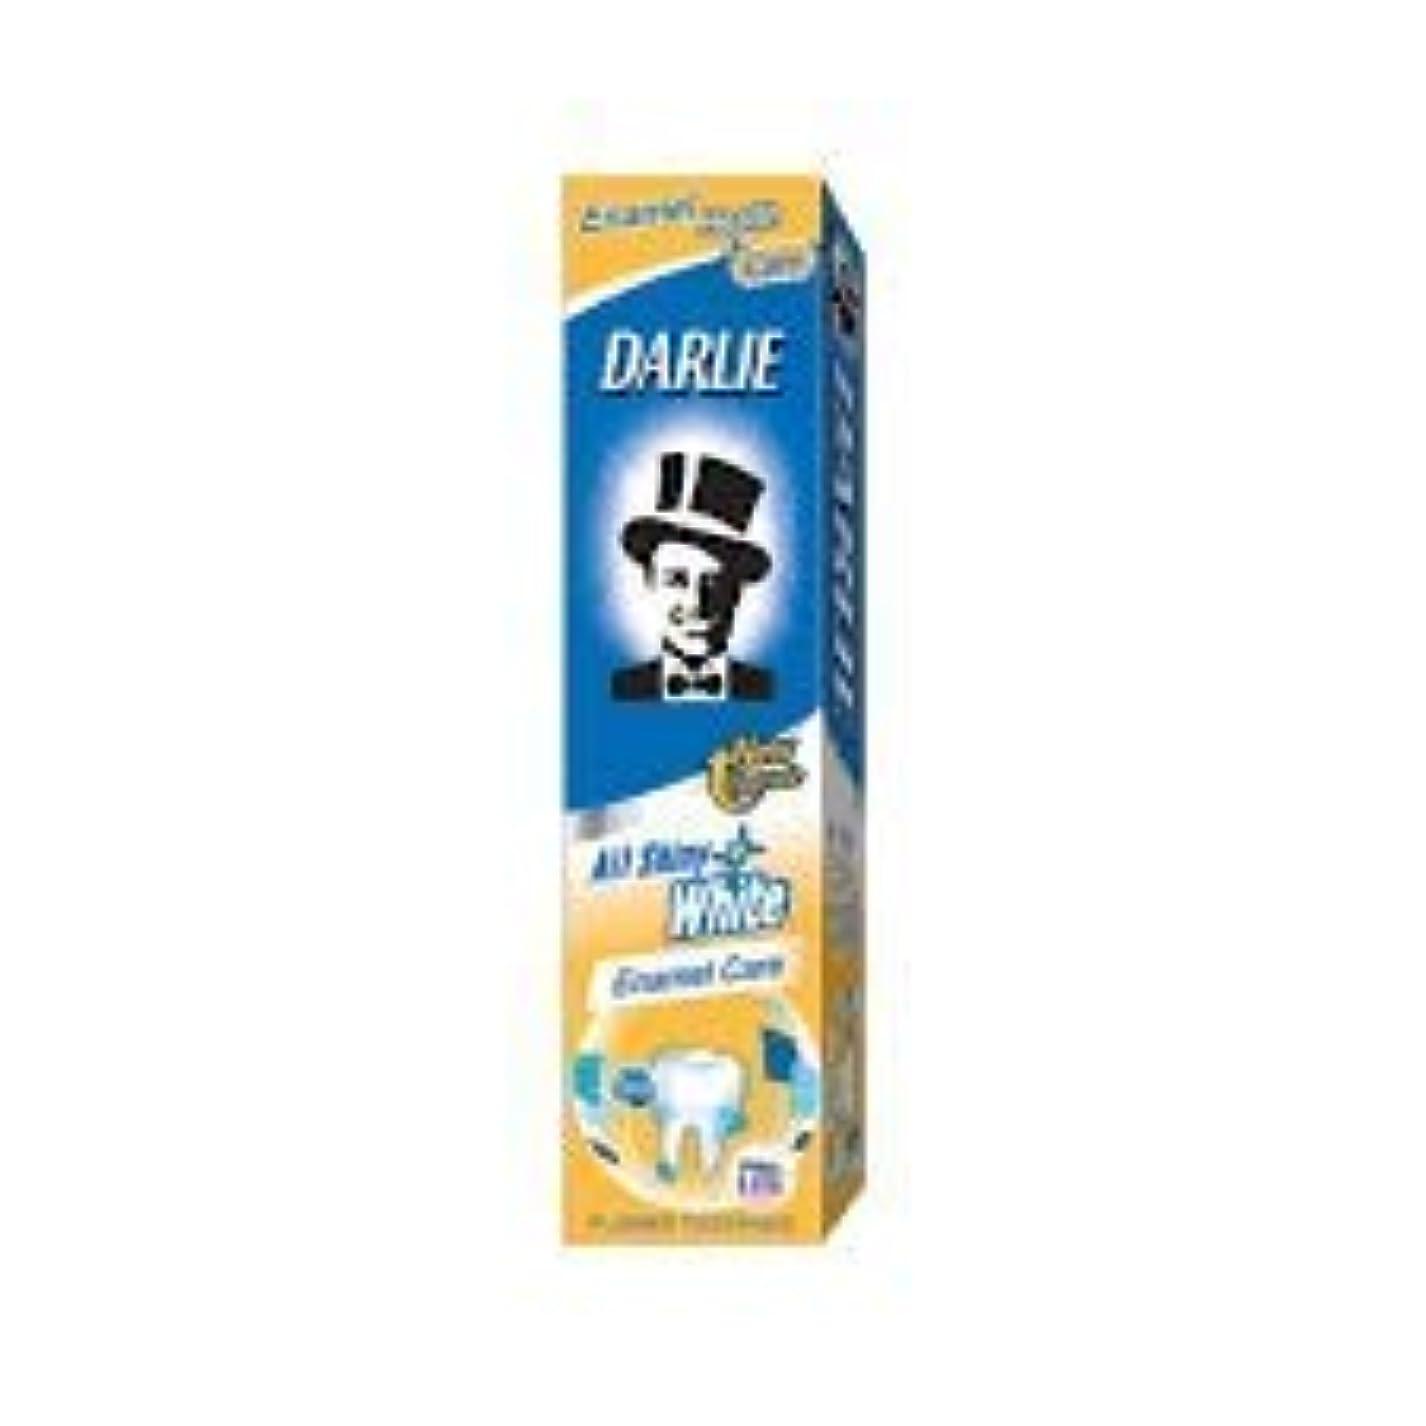 配偶者スポンサー隠すDARLIE 含むフッ素戦うされたチャンバと、歯を保護する - 全て歯磨き粉光沢のある白色エナメル140グラム気